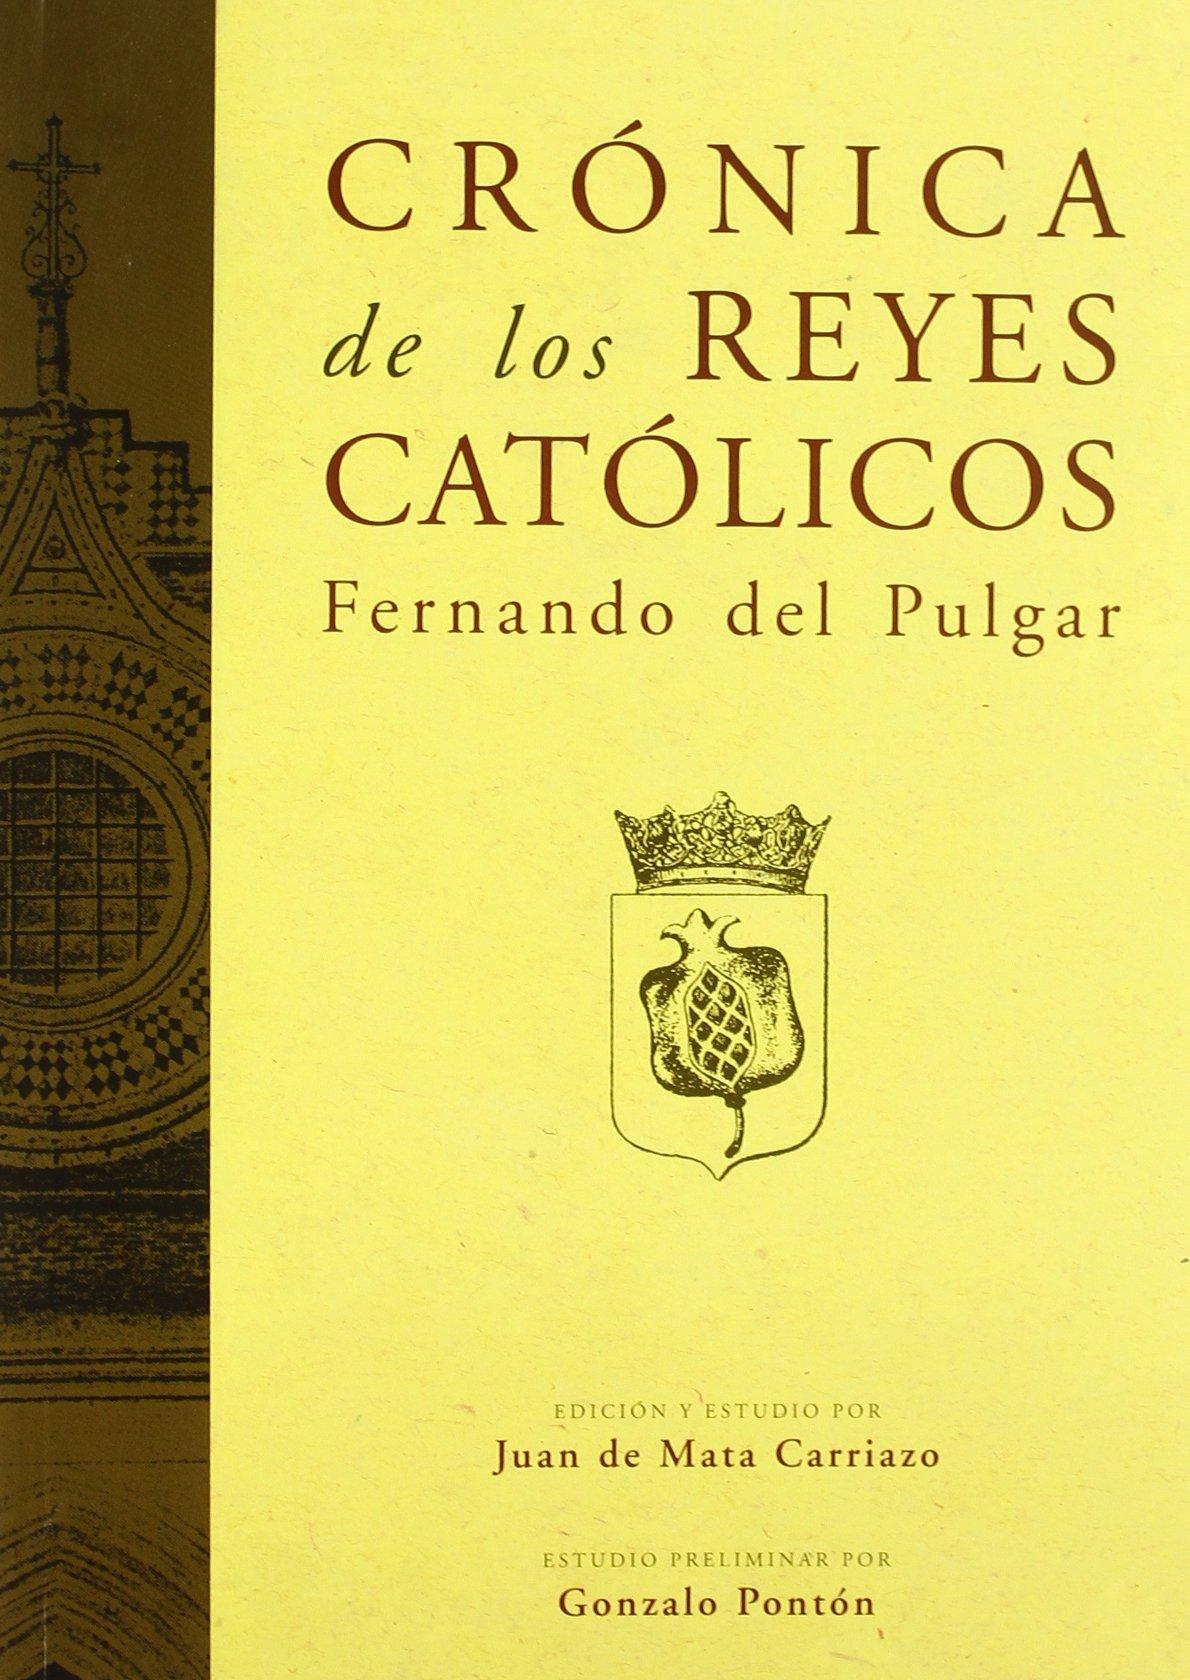 CRÓNICA DE LOS REYES CATÓLICOS (2 VOLS.) (Crónicas): Amazon.es ...